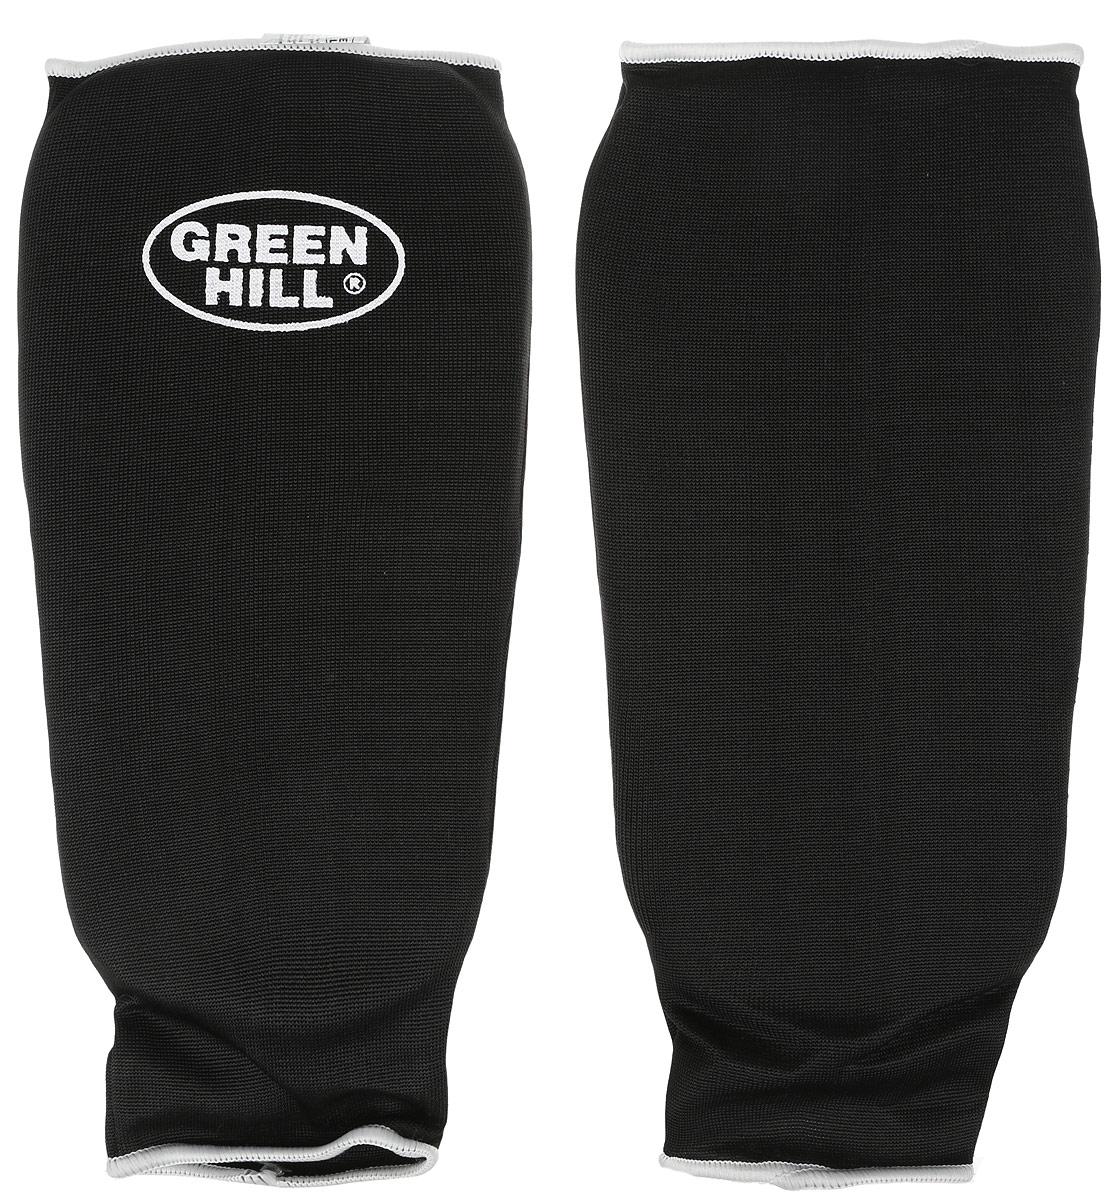 Защита голени Green Hill, цвет: черный, белый. Размер XL. SPC-6210SX5346-100Защита голени Green Hill с наполнителем, выполненным из вспененного полимера, необходима при занятиях спортом для защиты суставов от вывихов, ушибов и прочих повреждений. Накладки выполнены из высококачественного эластана и хлопка.Длина голени: 29 см.Ширина голени: 15 см.